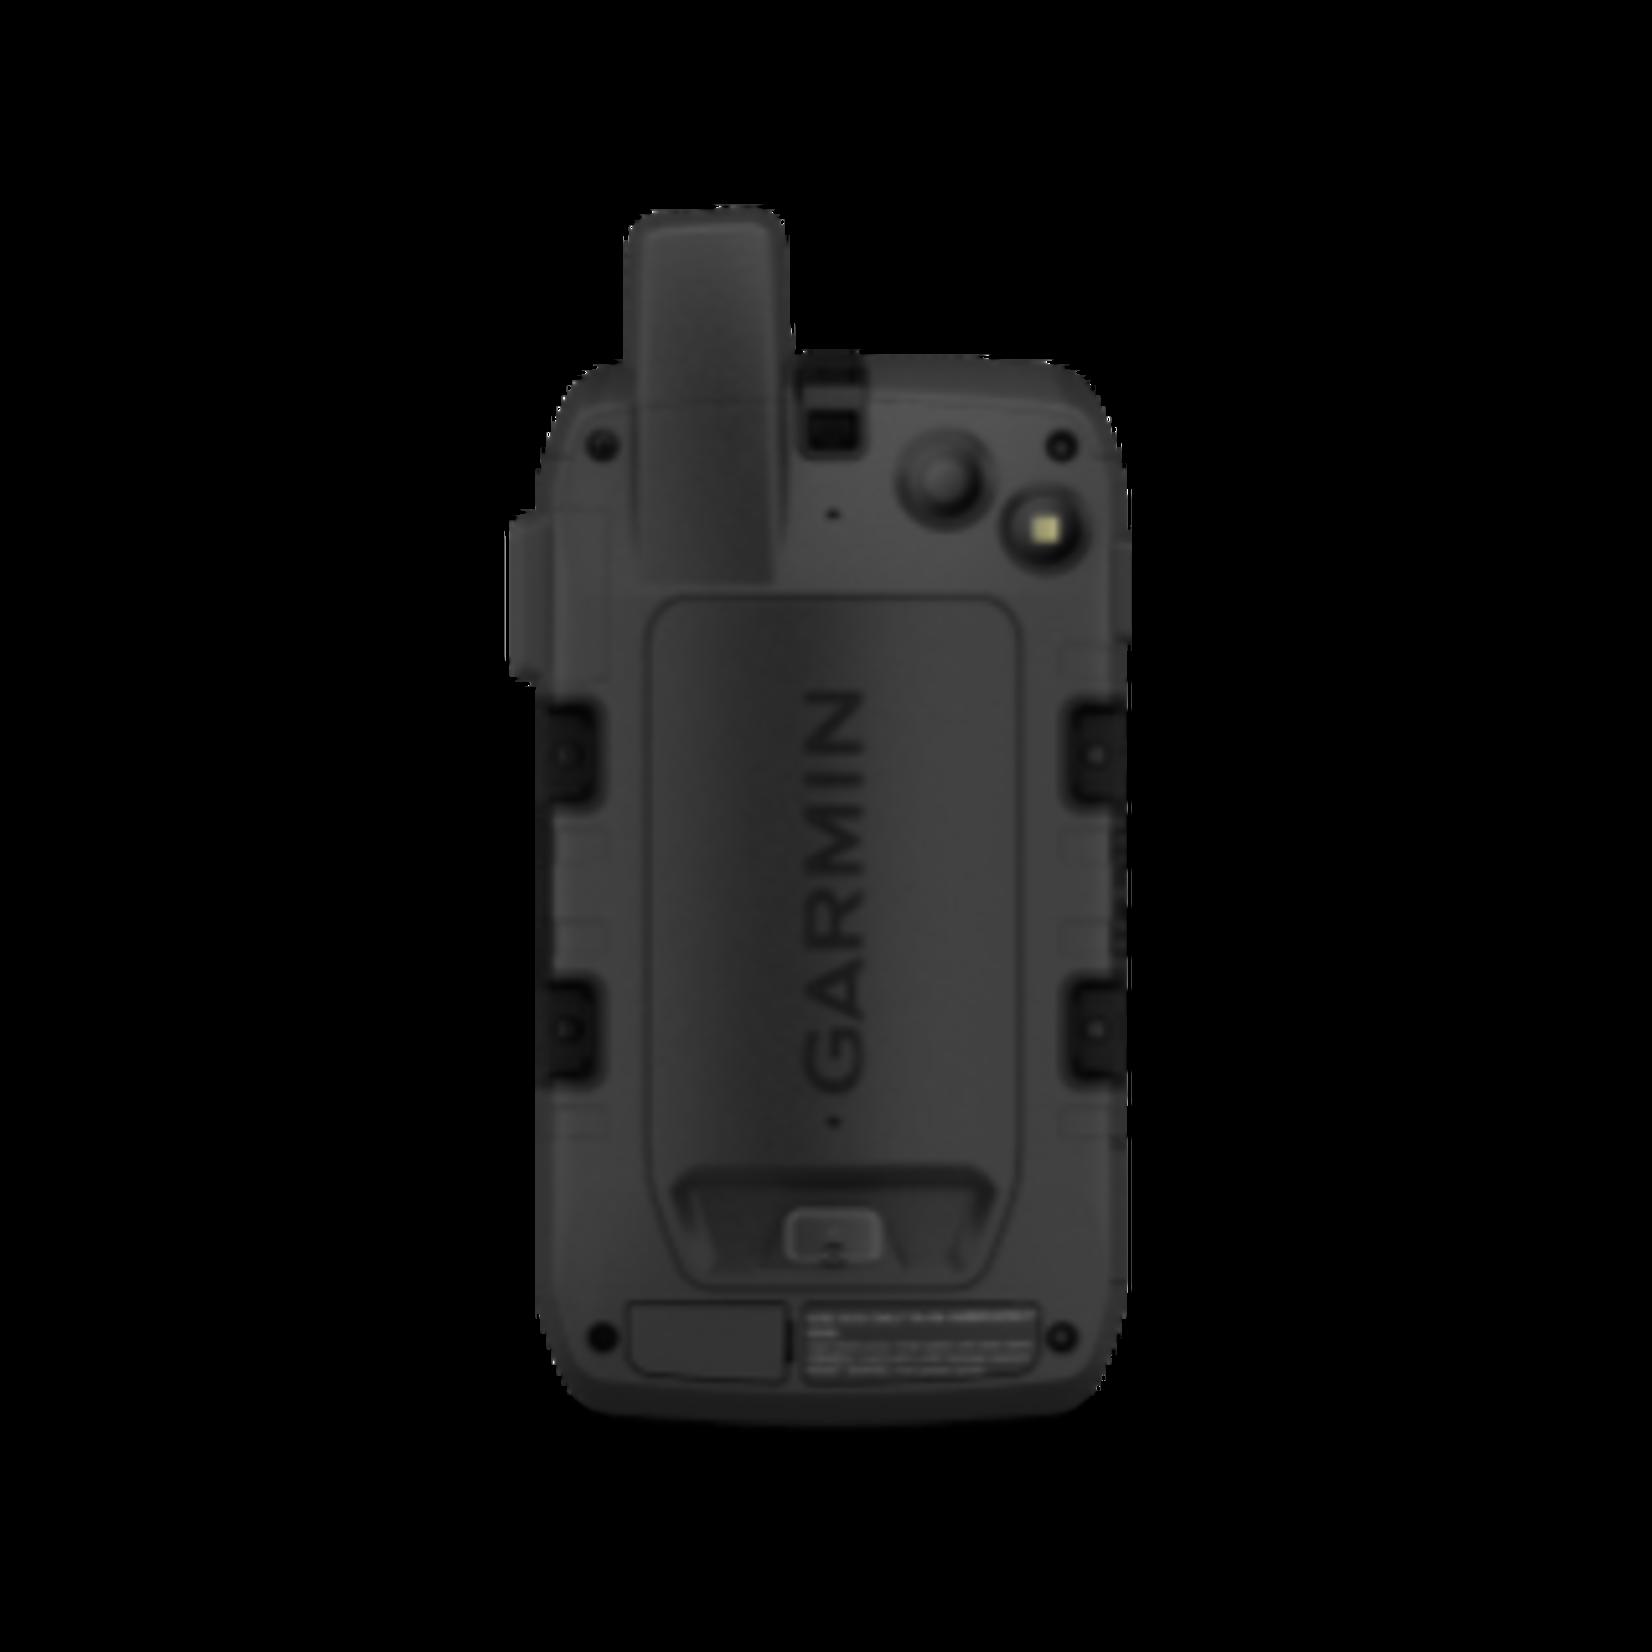 Garmin Garmin Montana® 750i